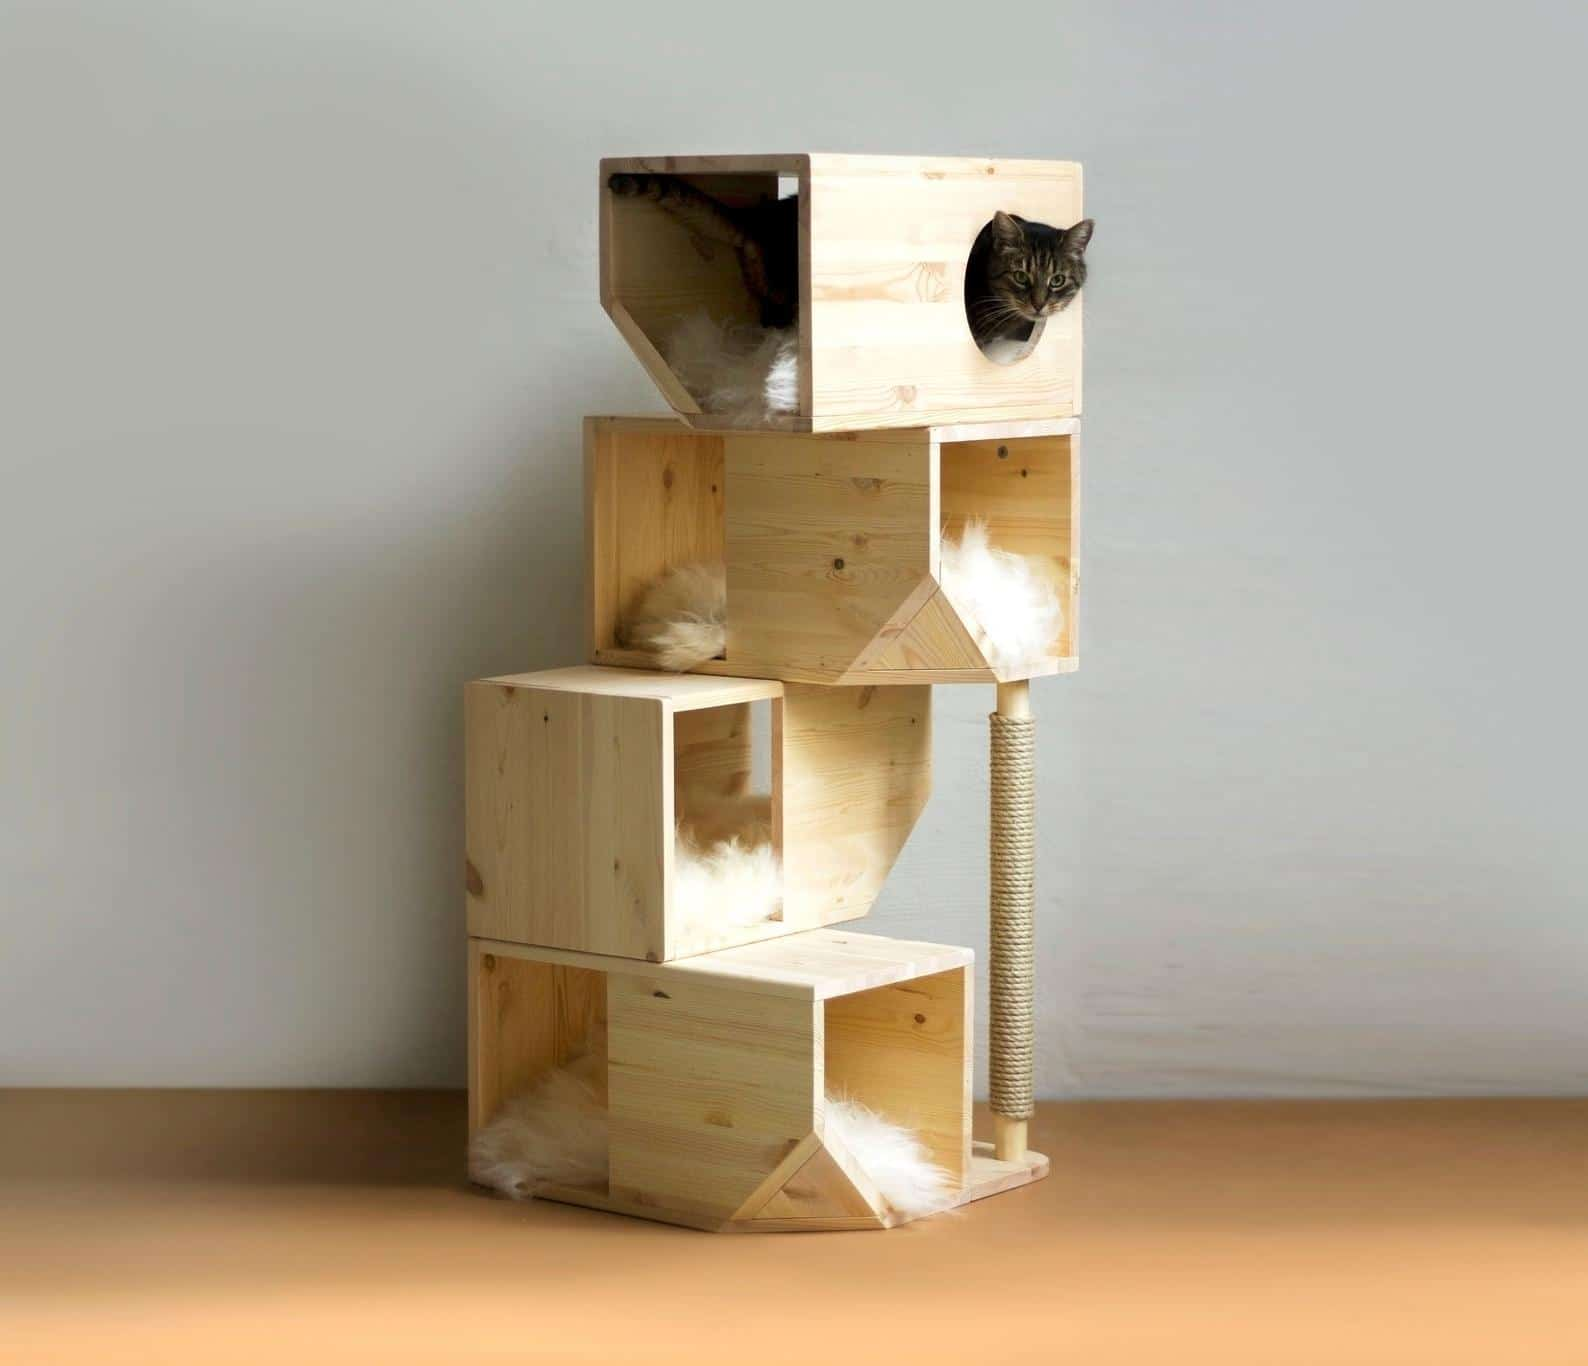 Comment Fabriquer Un Arbre À Chat arbre à chat cube : la forme géométrique et design